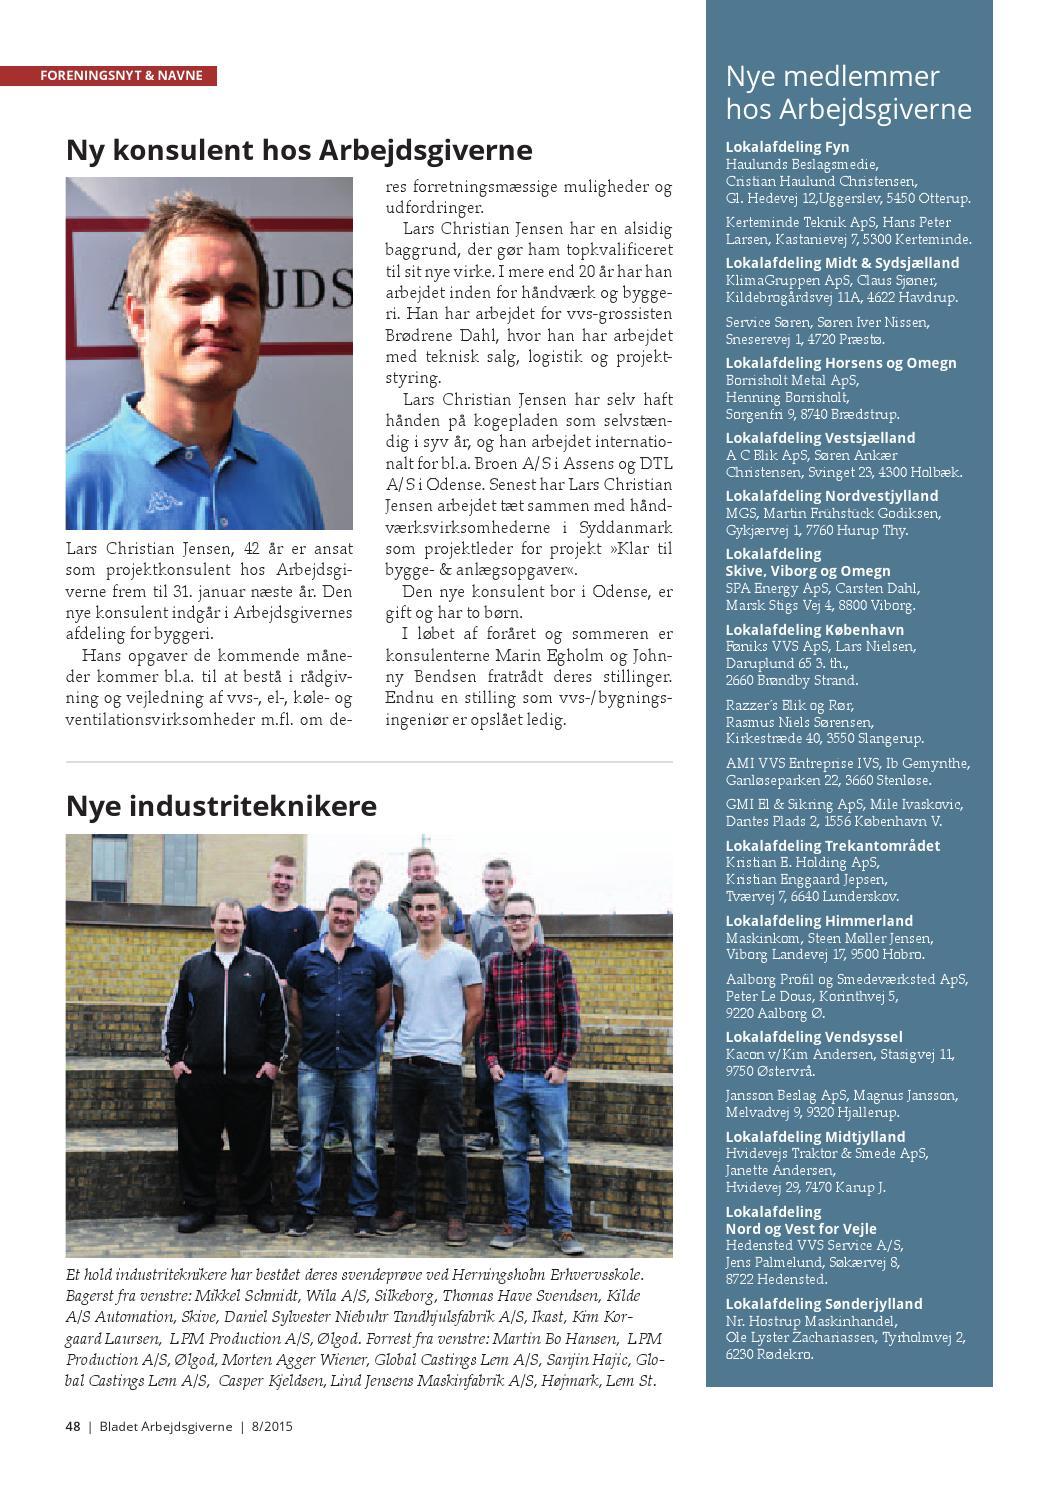 Bladet Arbejdsgiverne nr. 8, 2015 by Magasinet Arbejdsgiverne - Issuu